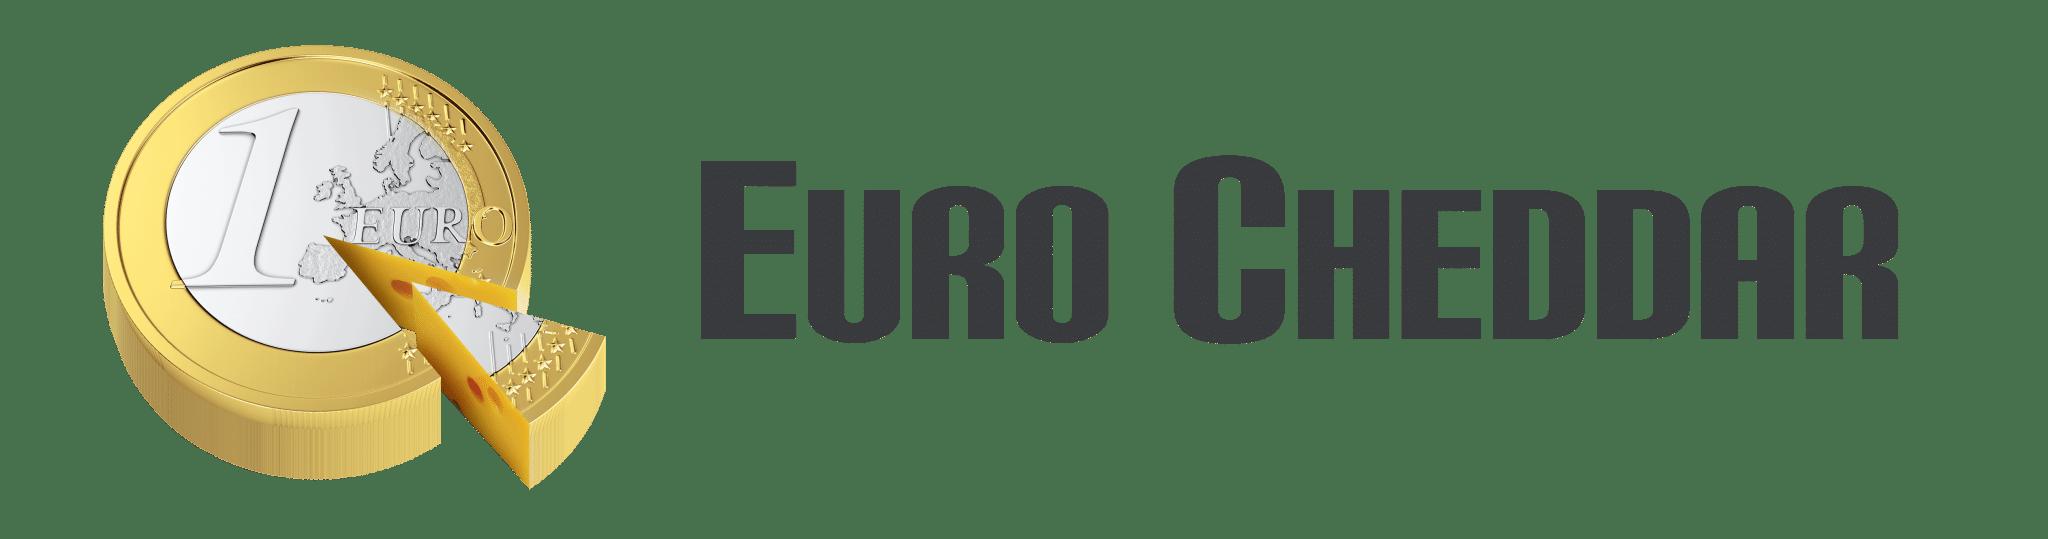 euro cheddar logo